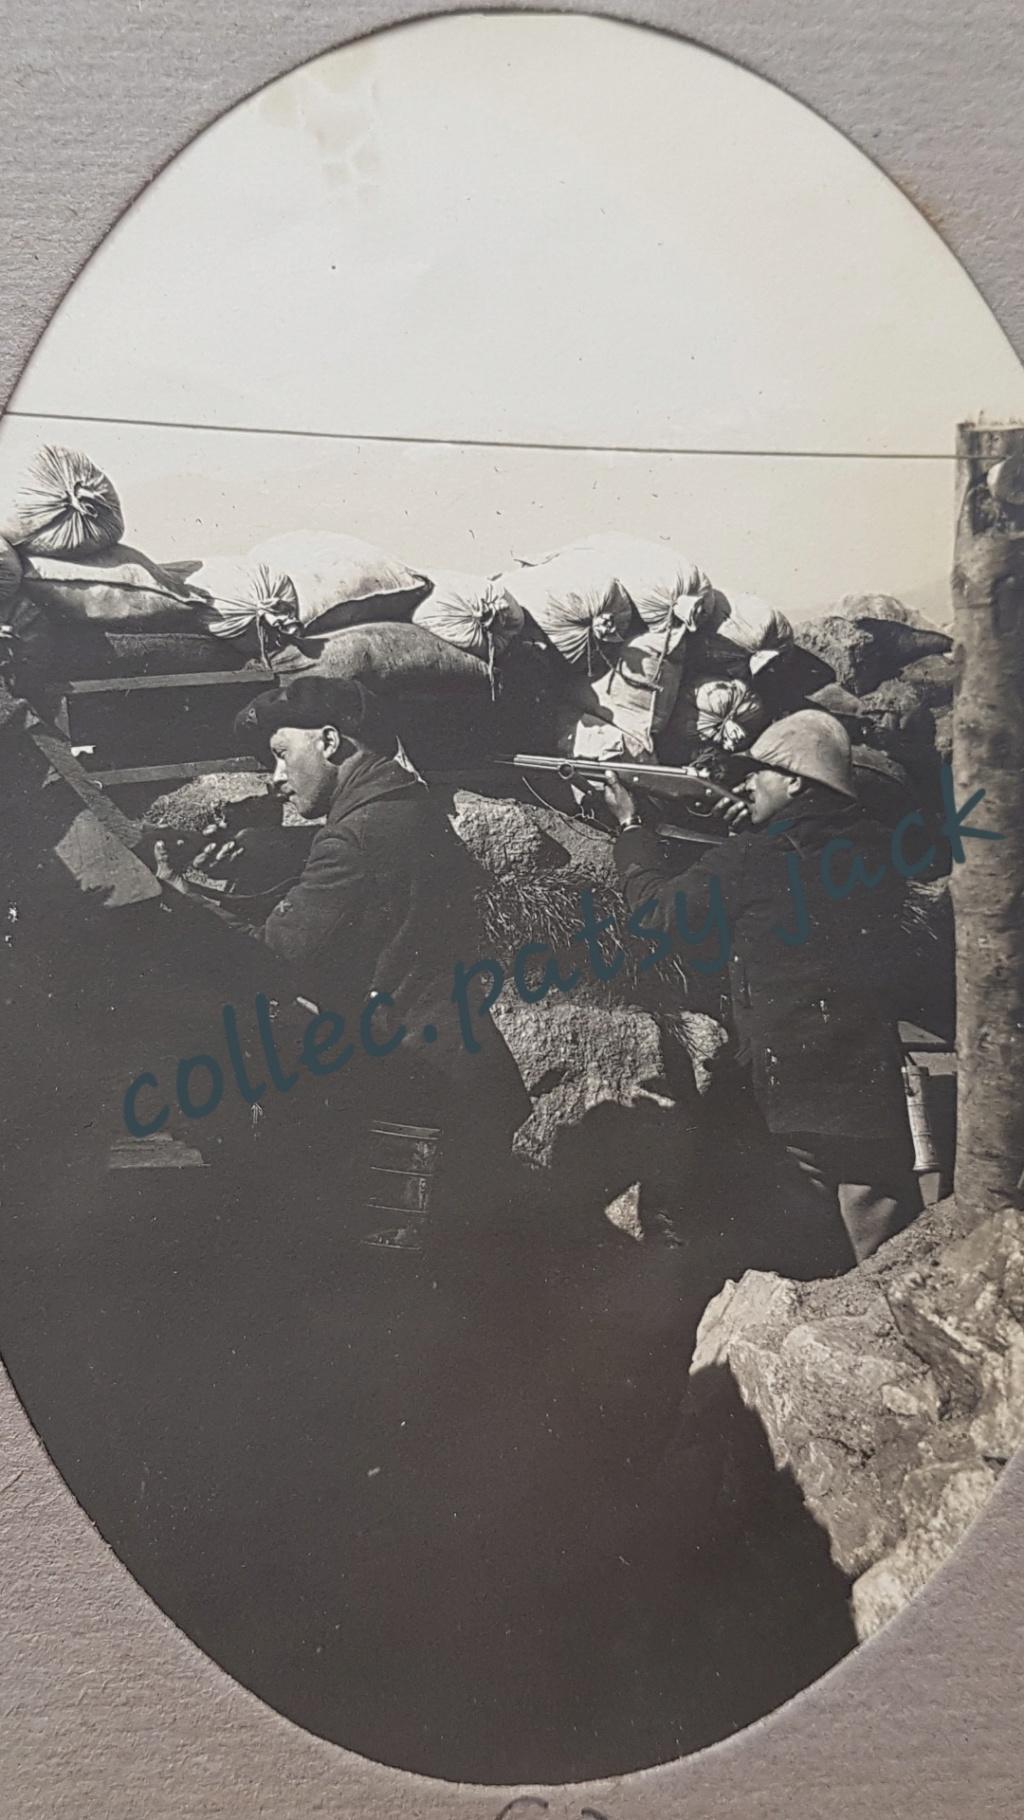 53 BCA au barrenkopf en 1916 20200421